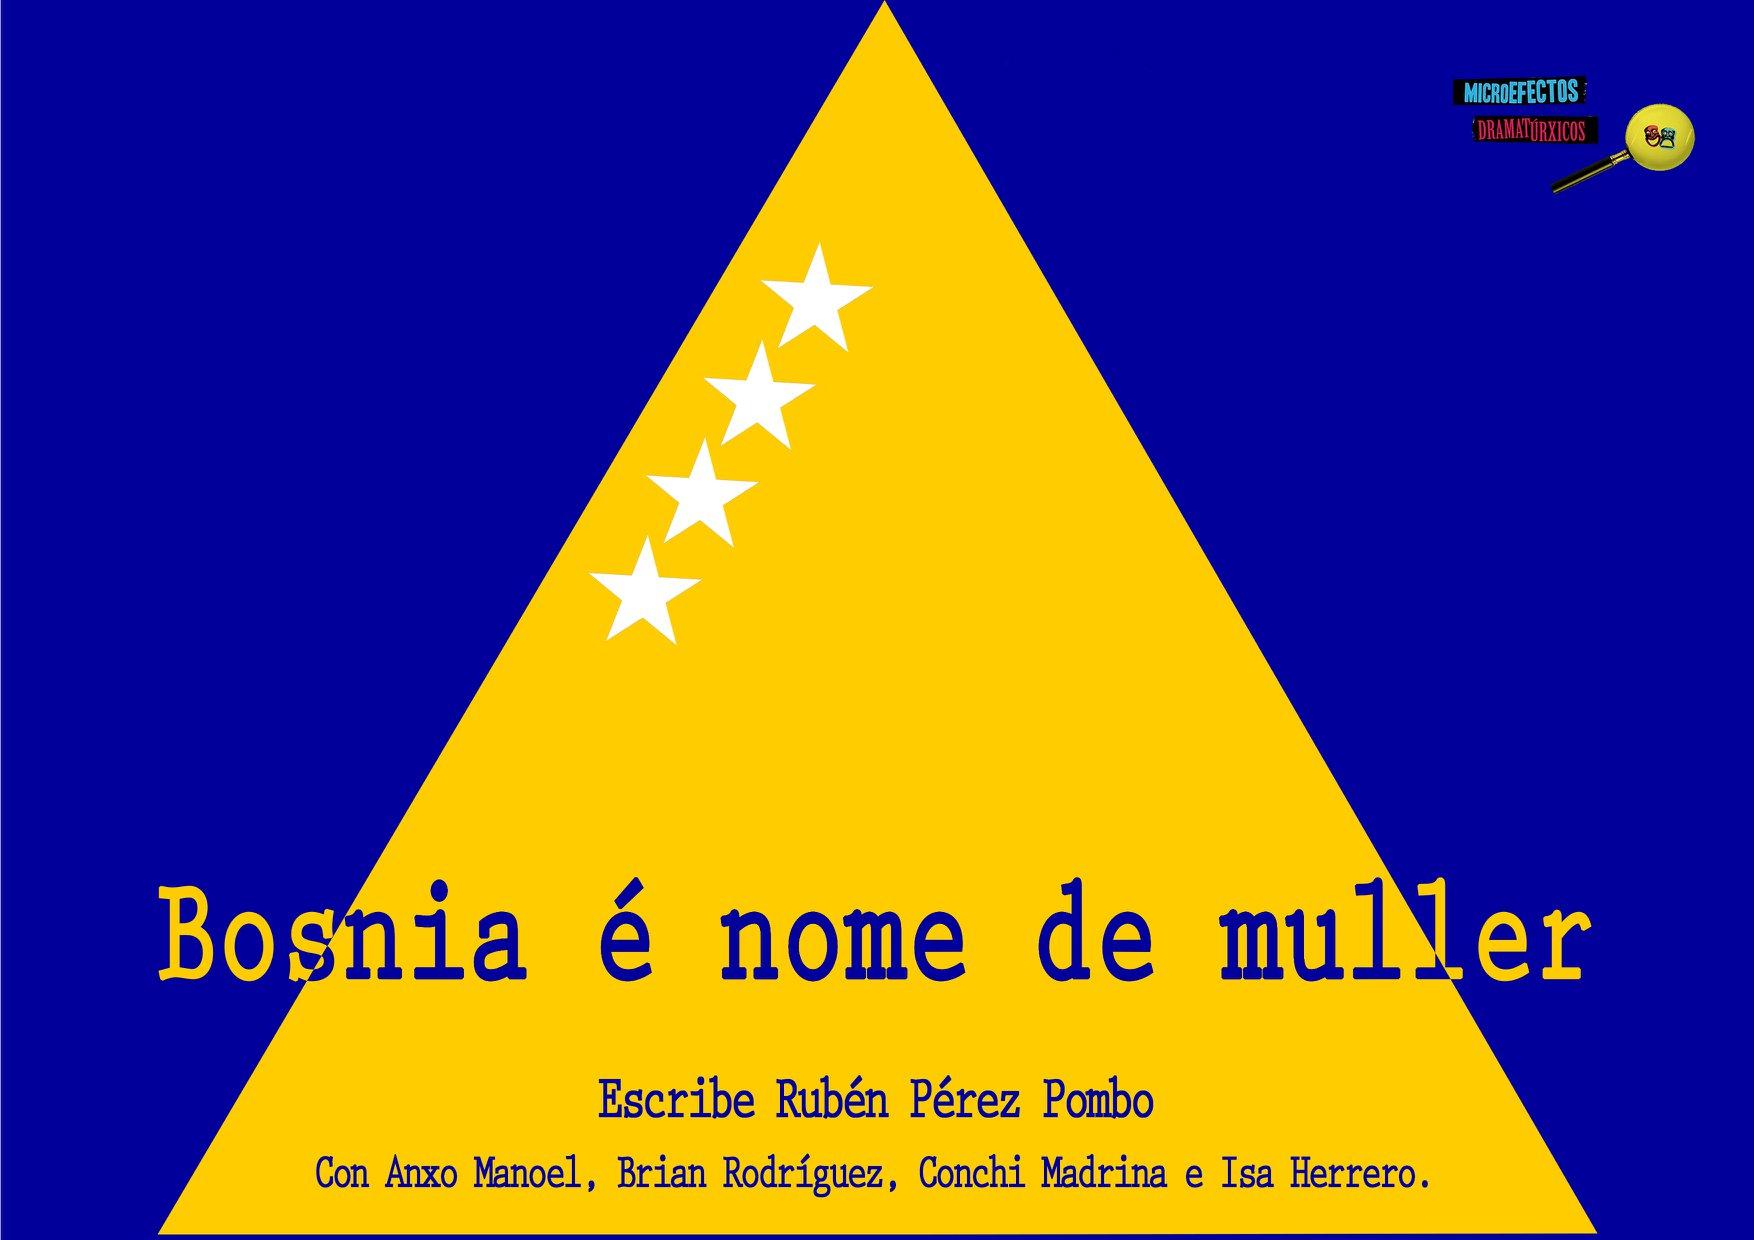 microefectos-dramaturxicos-bosnia